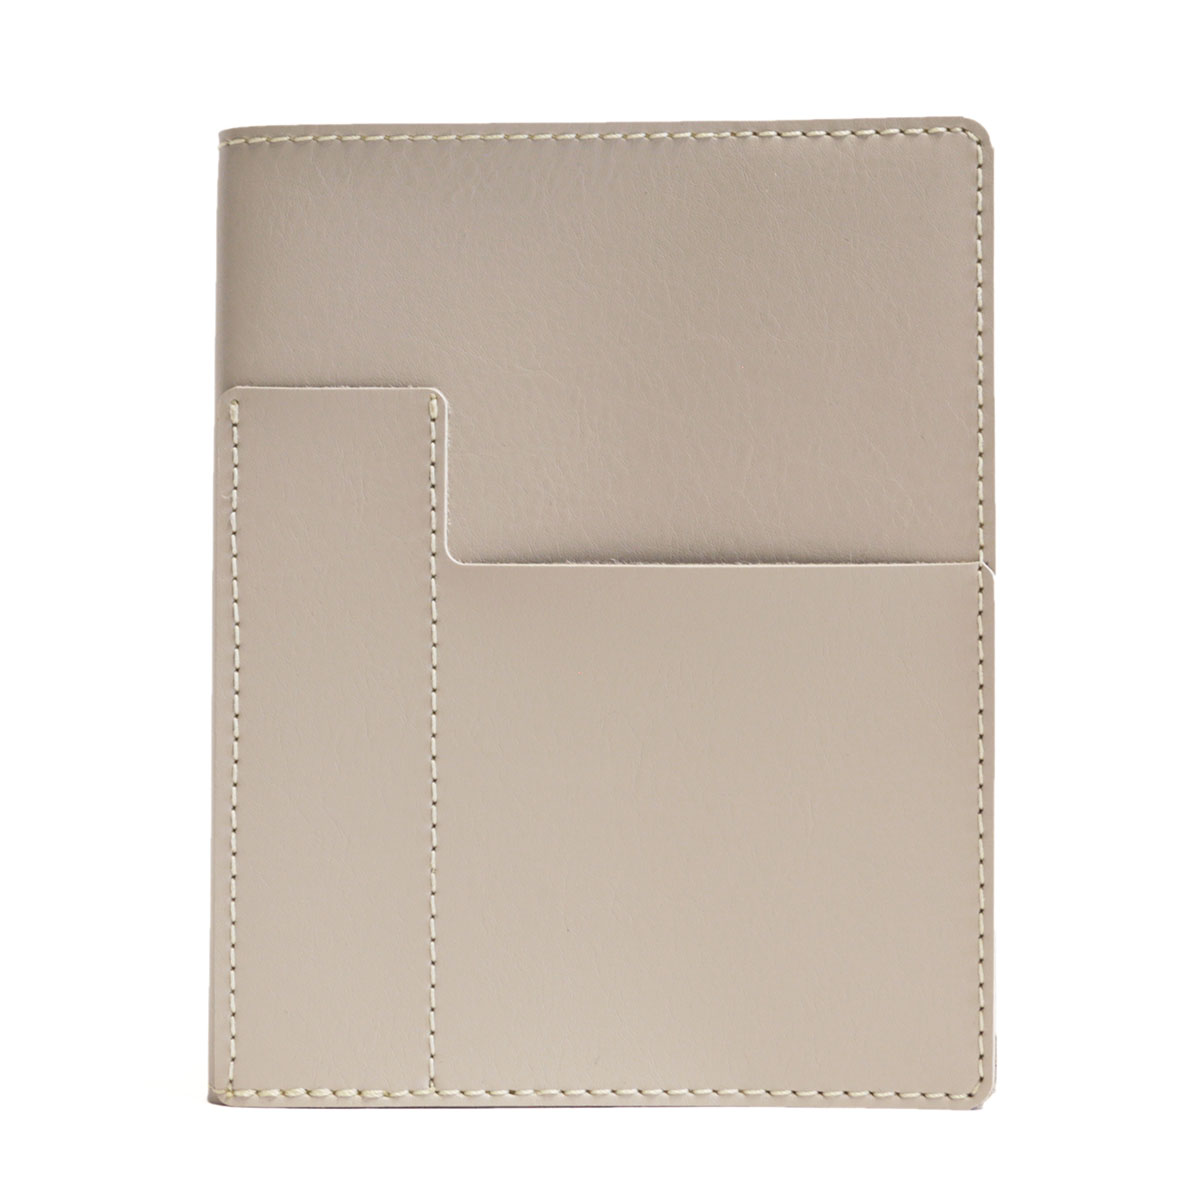 Caderno com sobrecapa (Montana Gelo)